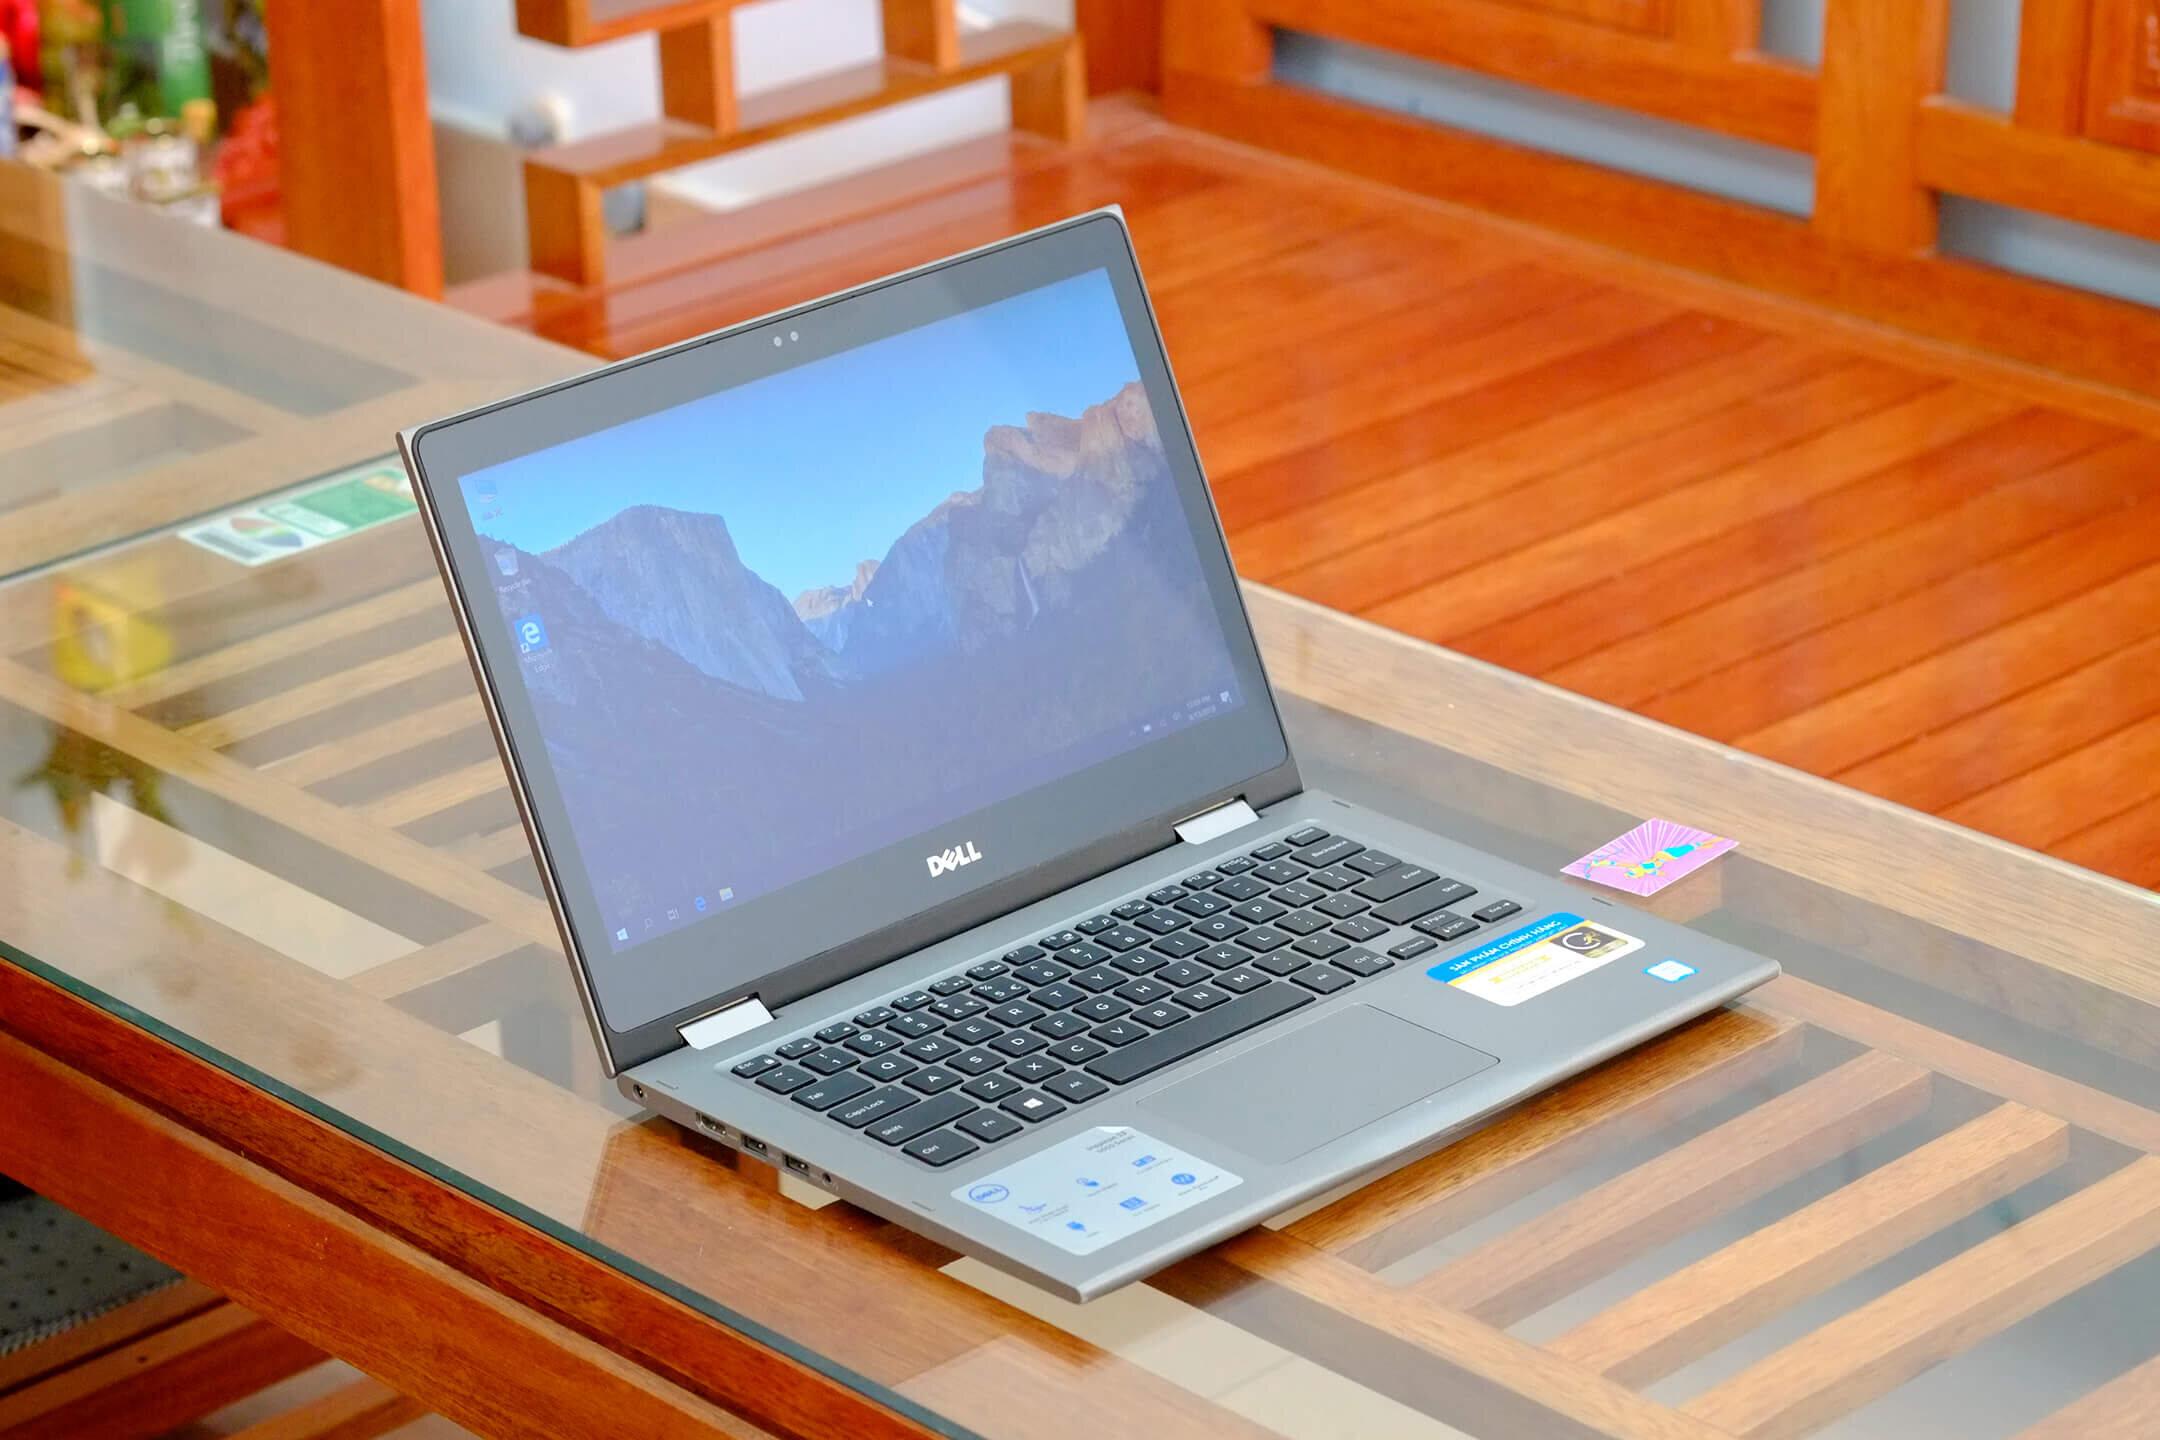 Mức giá tầm trung của Dell Inspiron 5379 rất phù hợp cho các bạn trẻ văn phòng